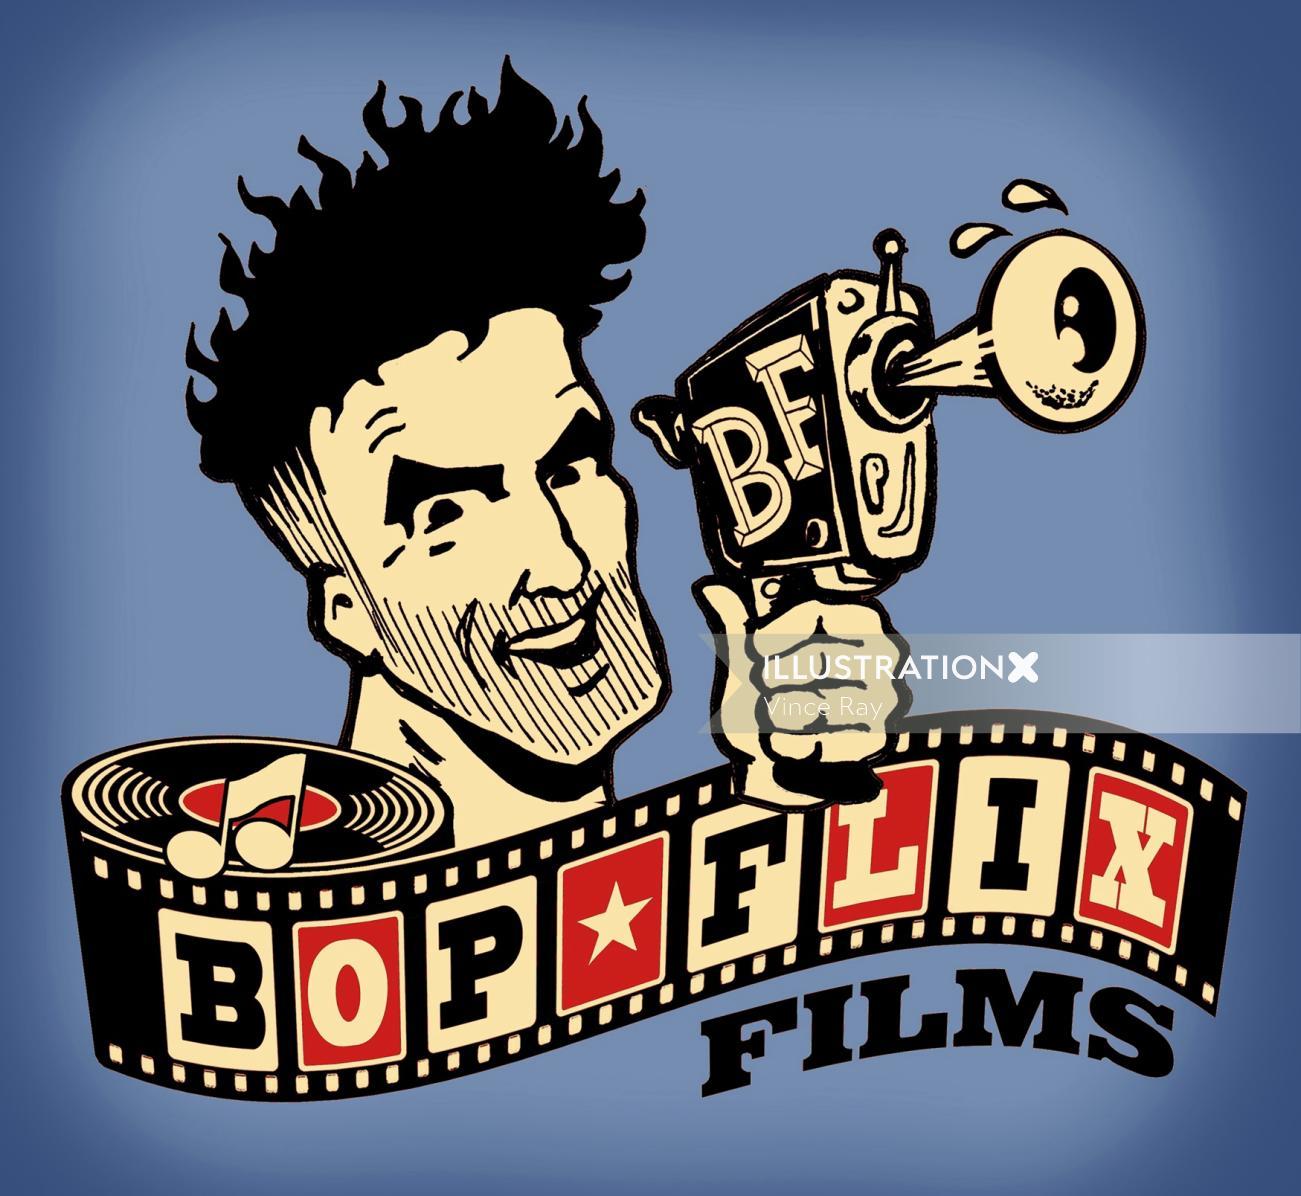 Graphic poster design of bop flix films